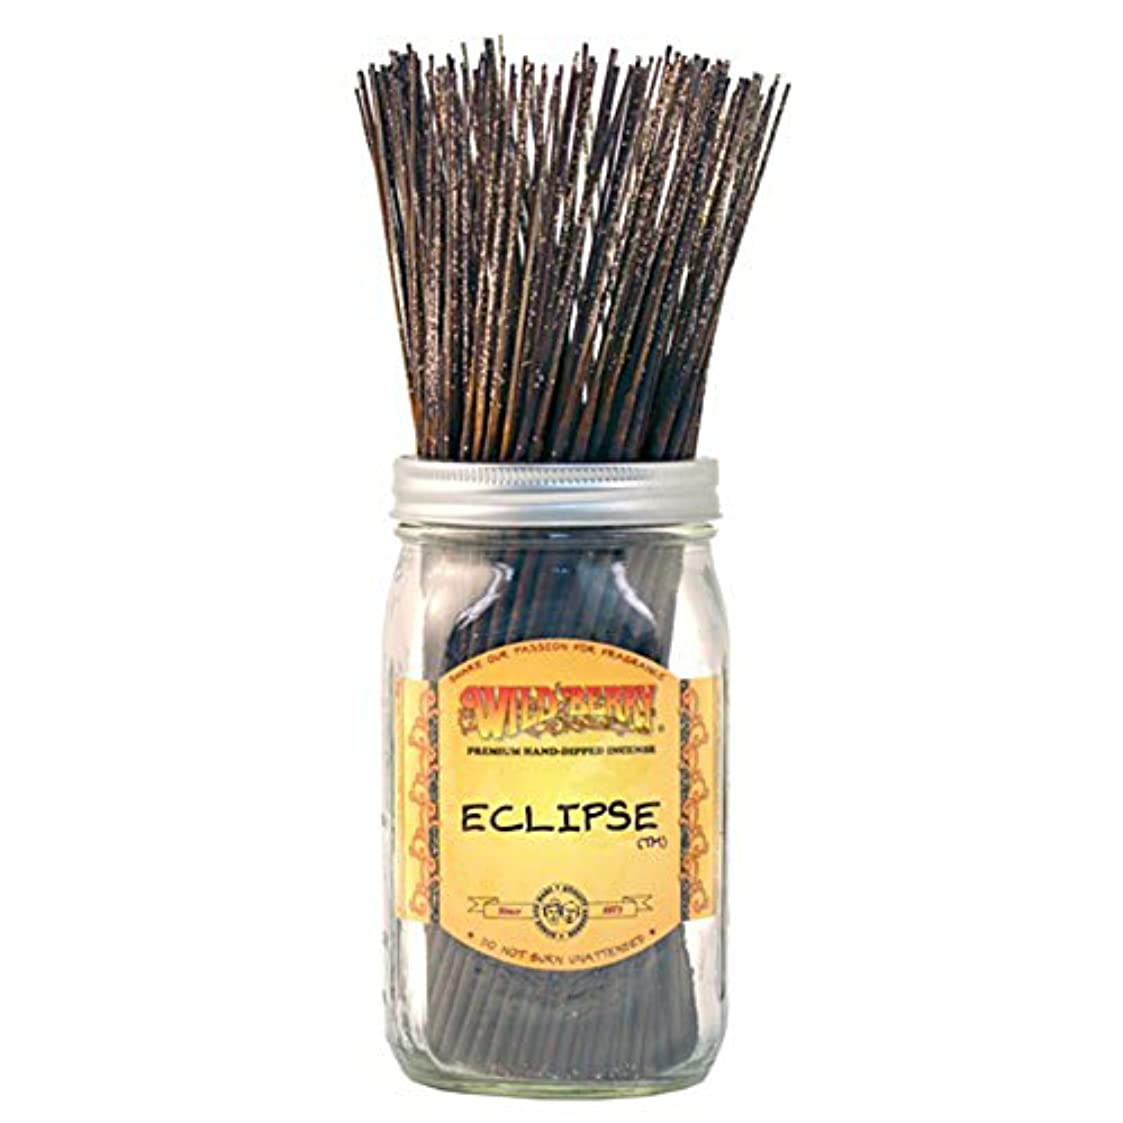 階段拒絶モスWild Berry Eclipse, Highly Fragranced Incense Sticksバルクパック、100ピース、11インチ